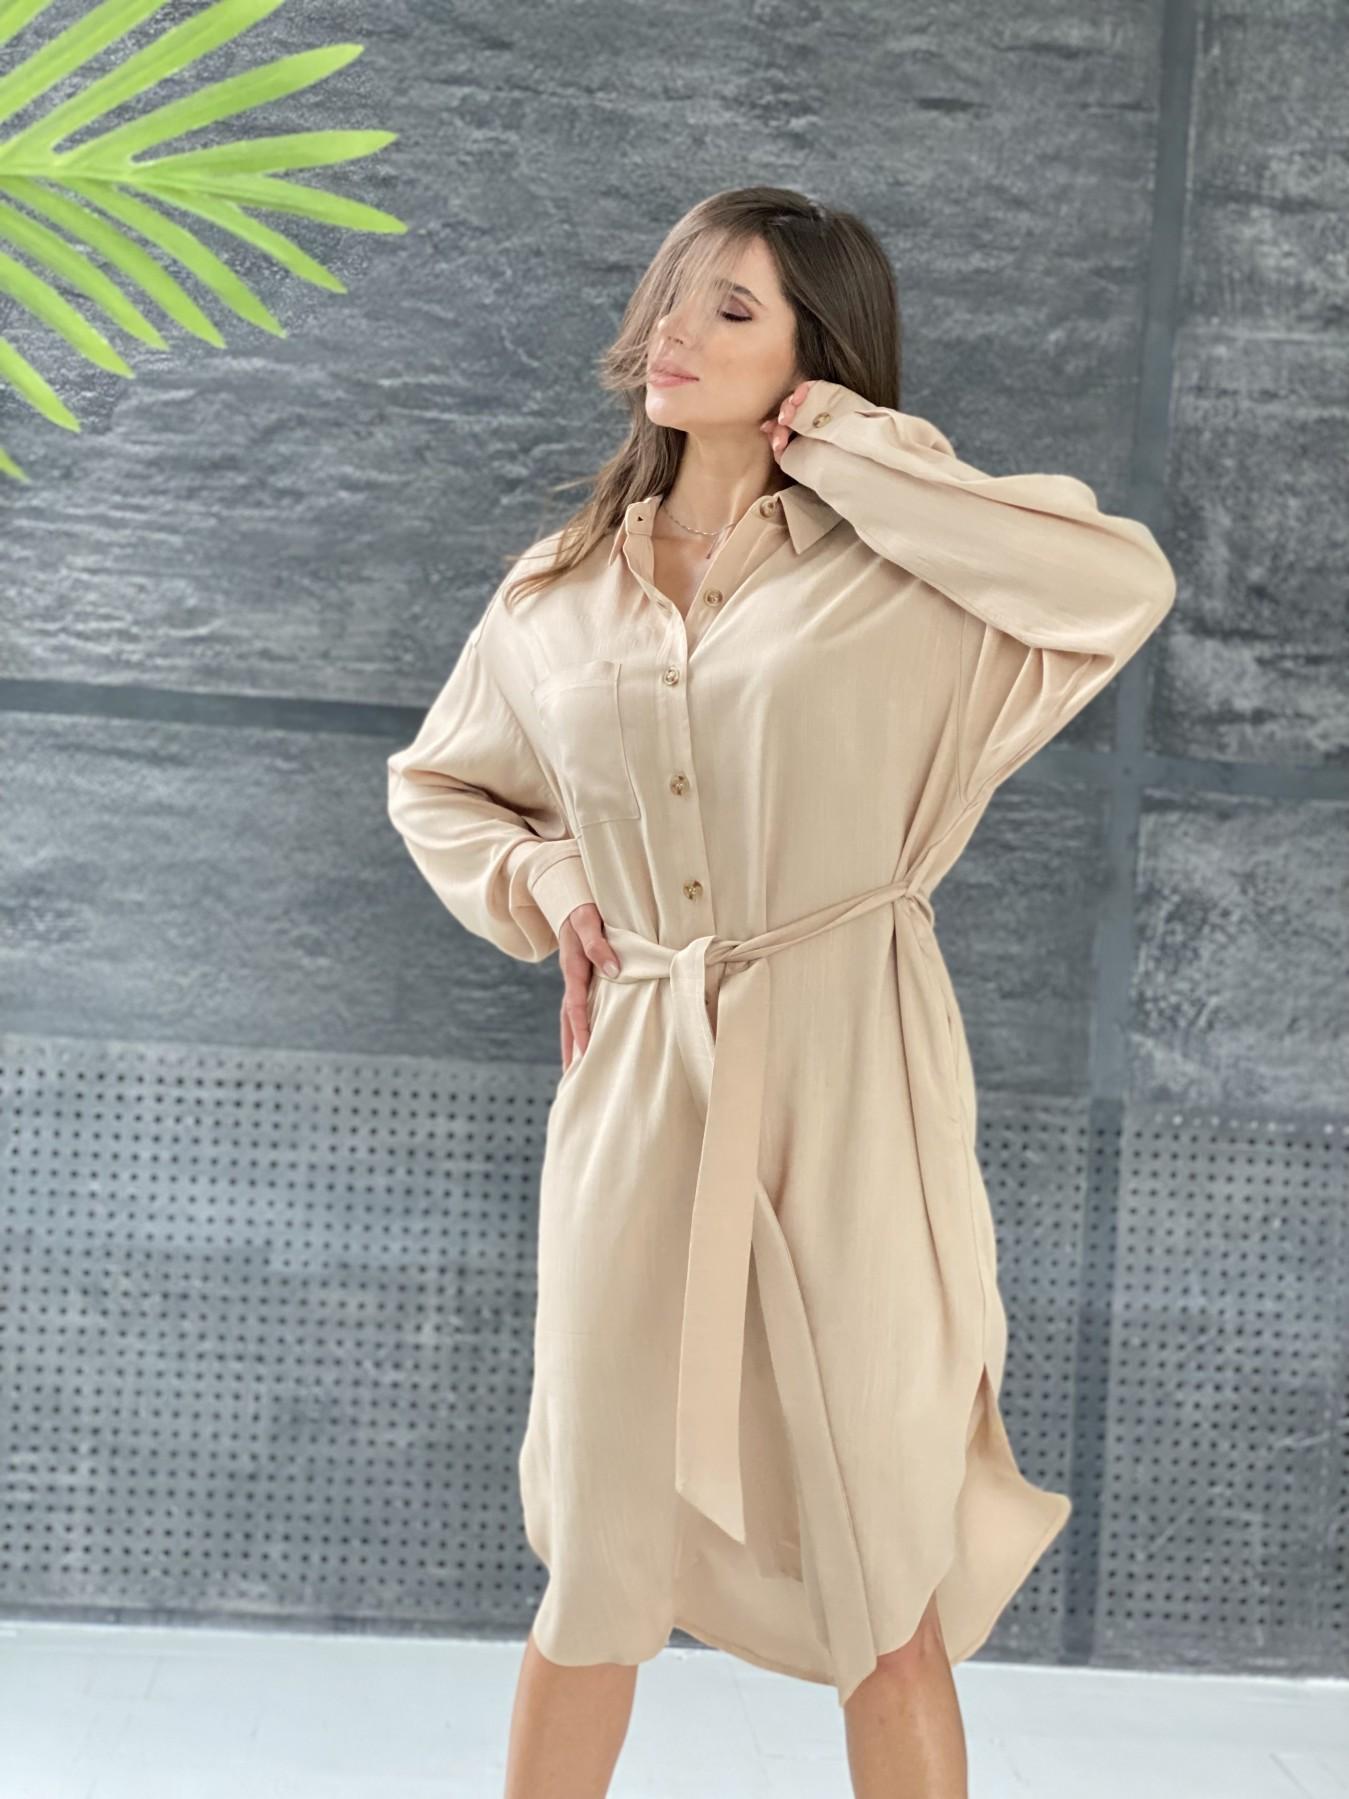 Рубашка женская купить от Modus Сиэтл  рубашка миди лен вискоза не стрейч 11607